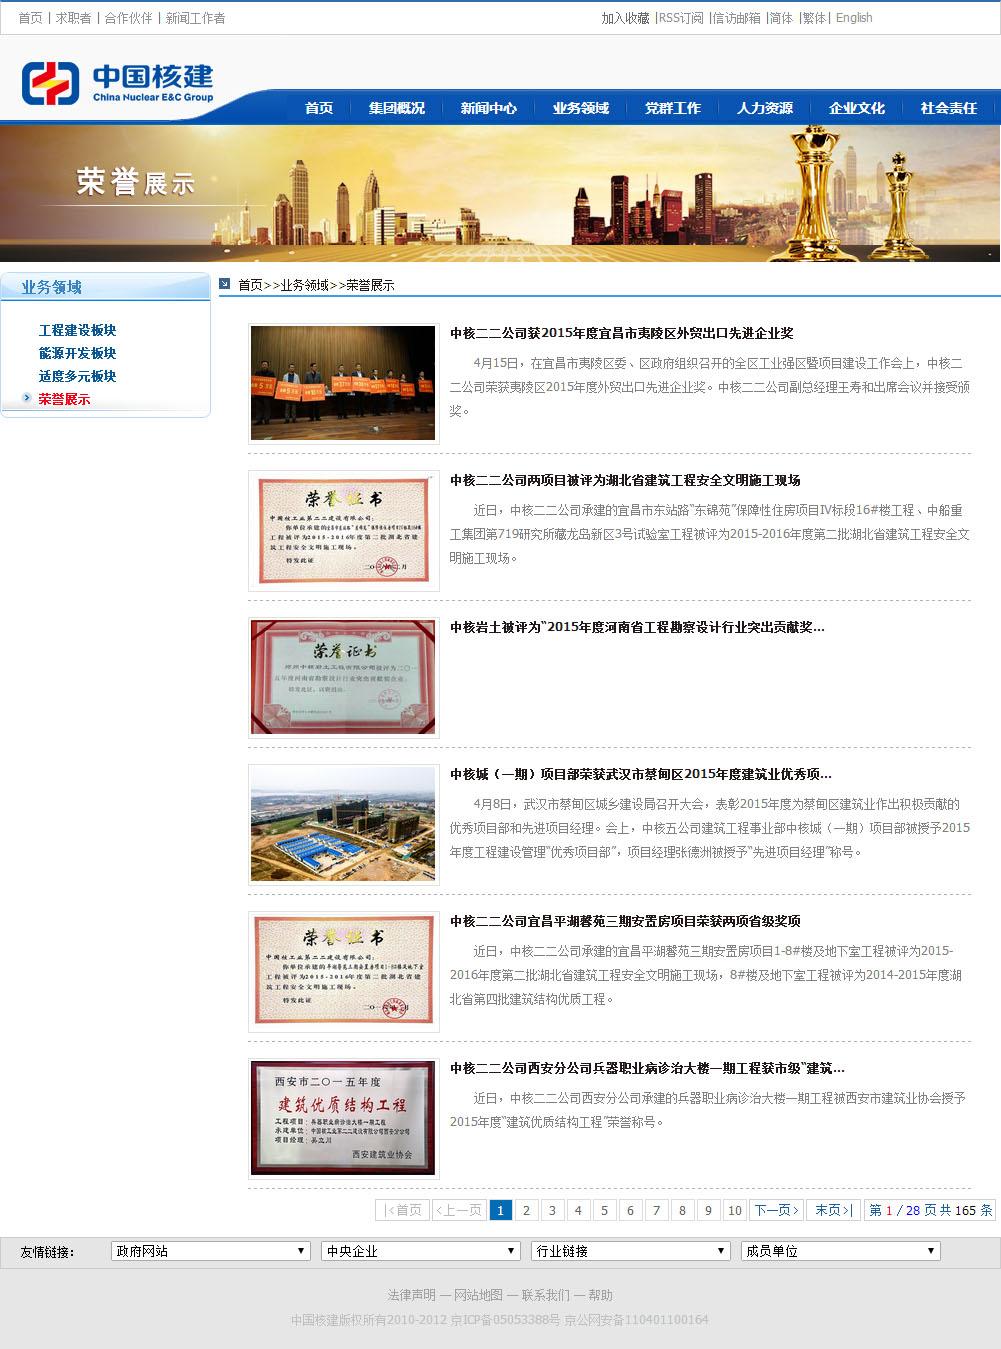 中國核建集團公司品牌形象官網建設案例